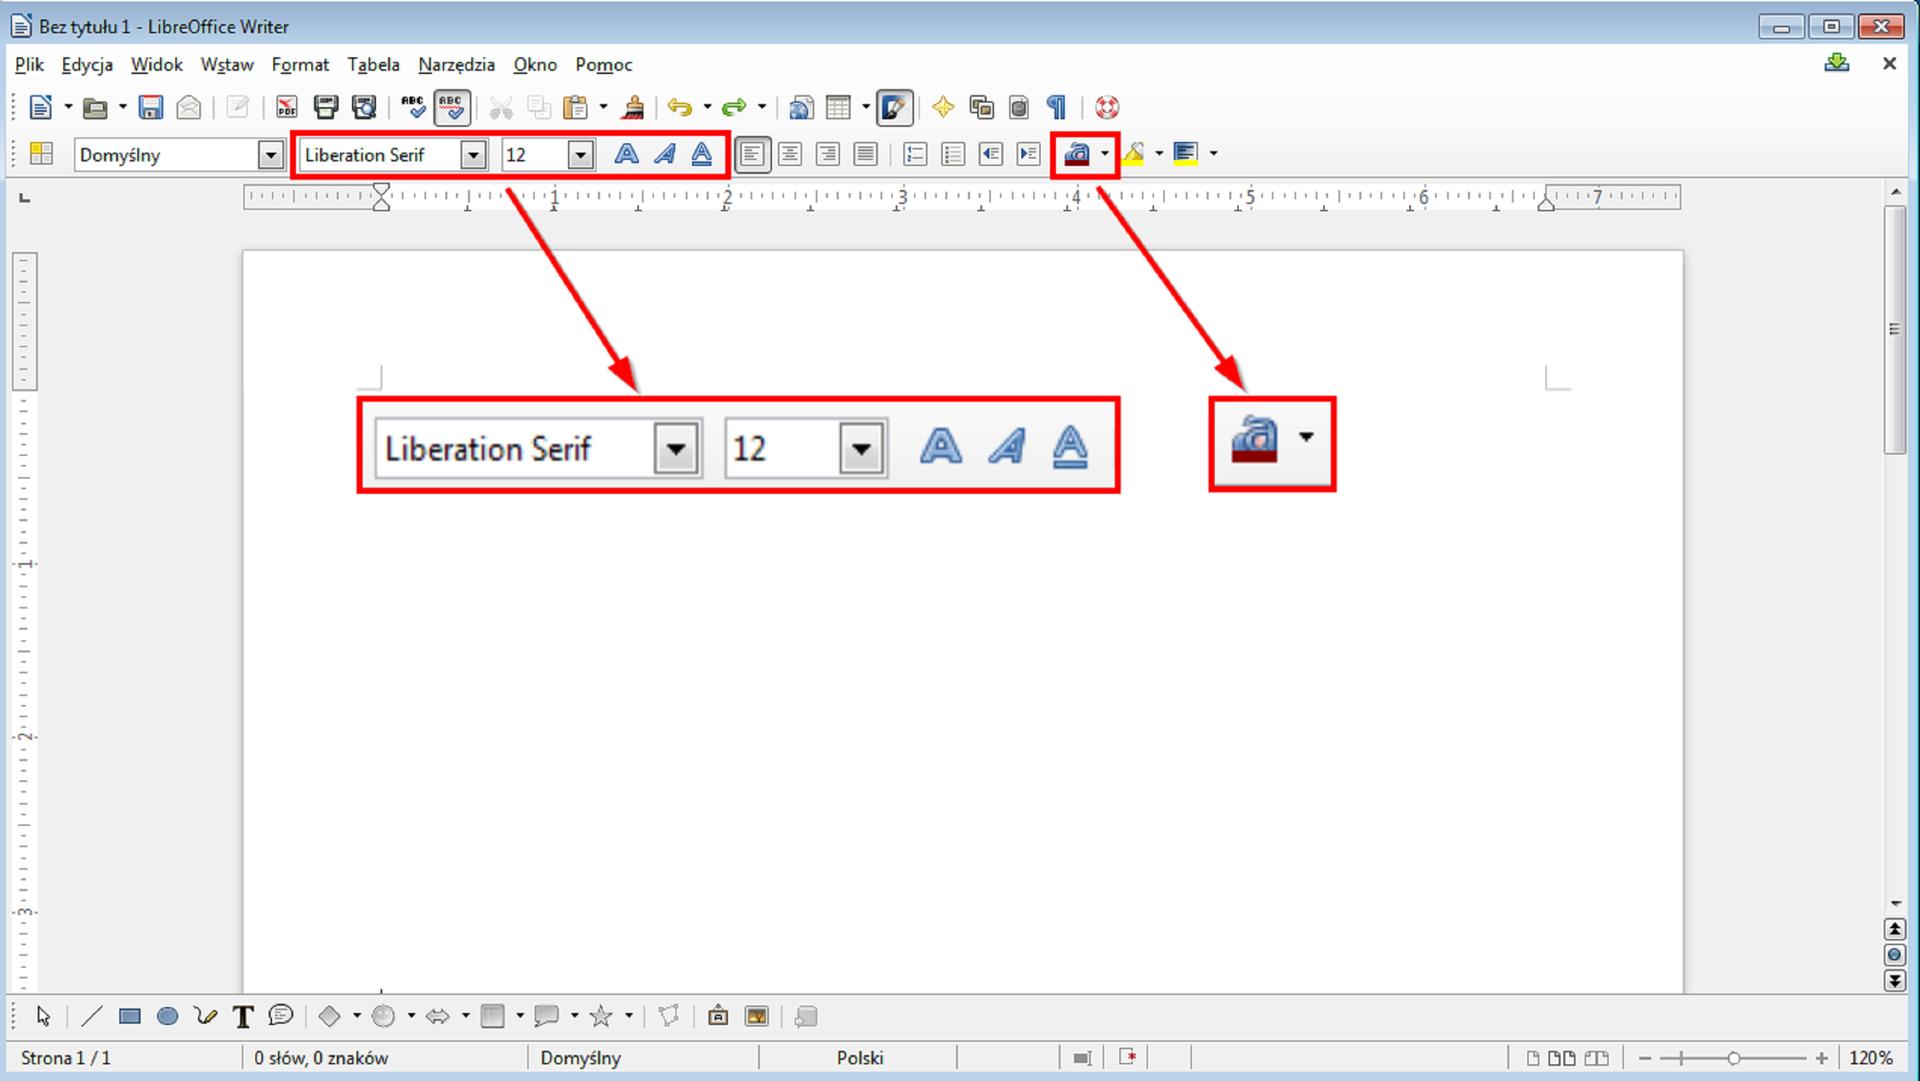 Slajd 1 galerii narzędzi formatowana różnych edytorów tekstu